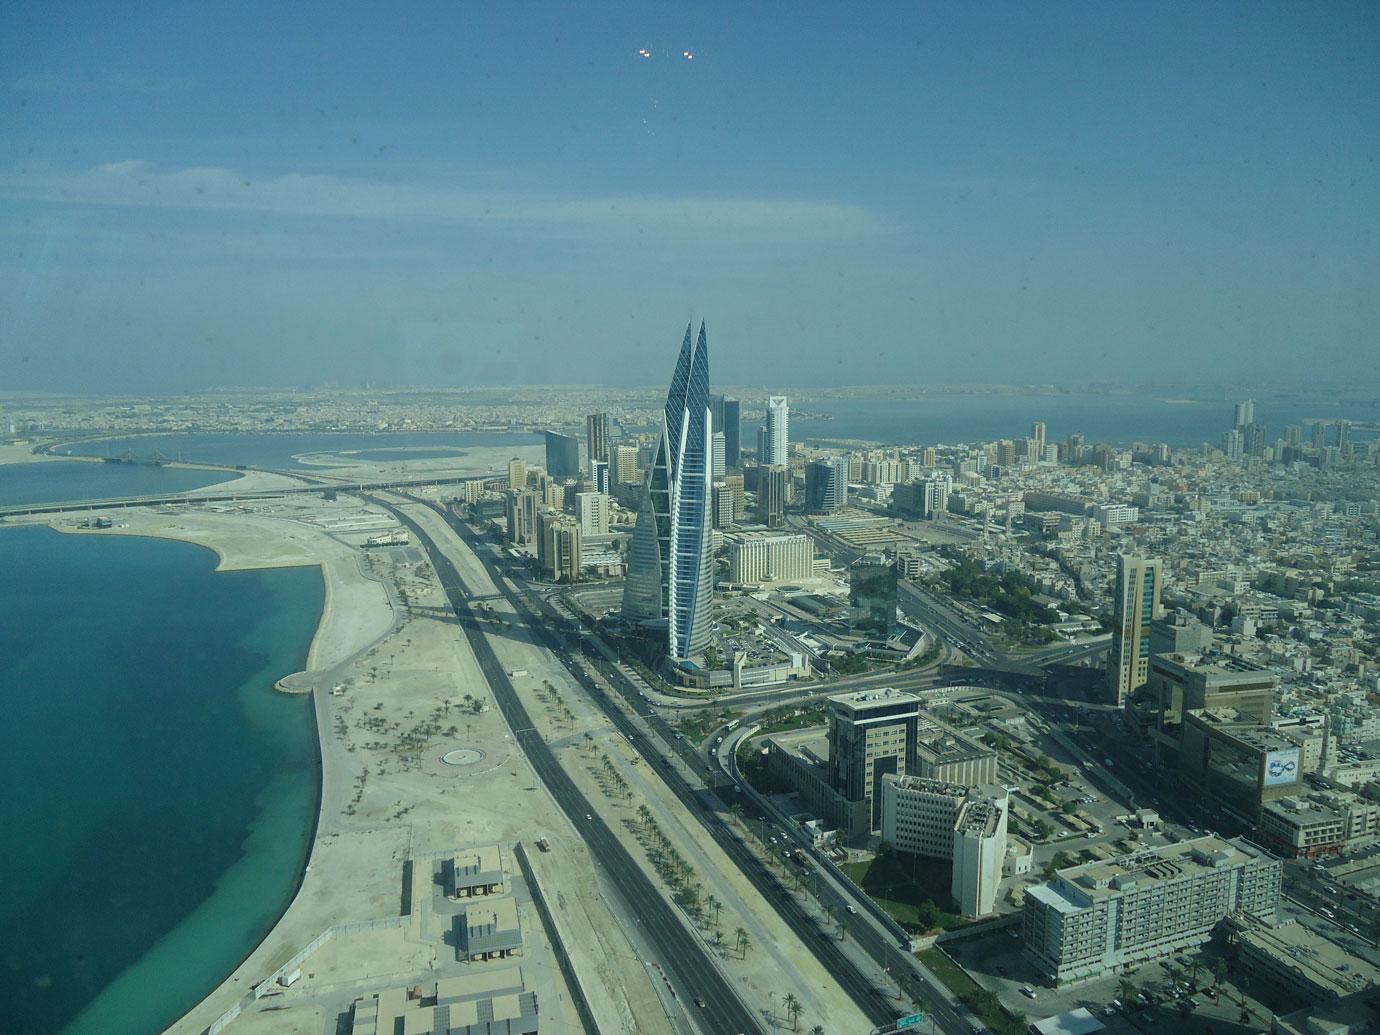 Manama manzarası. Sivri görünümlü ikiz kule Dünya Ticaret Merkezi.